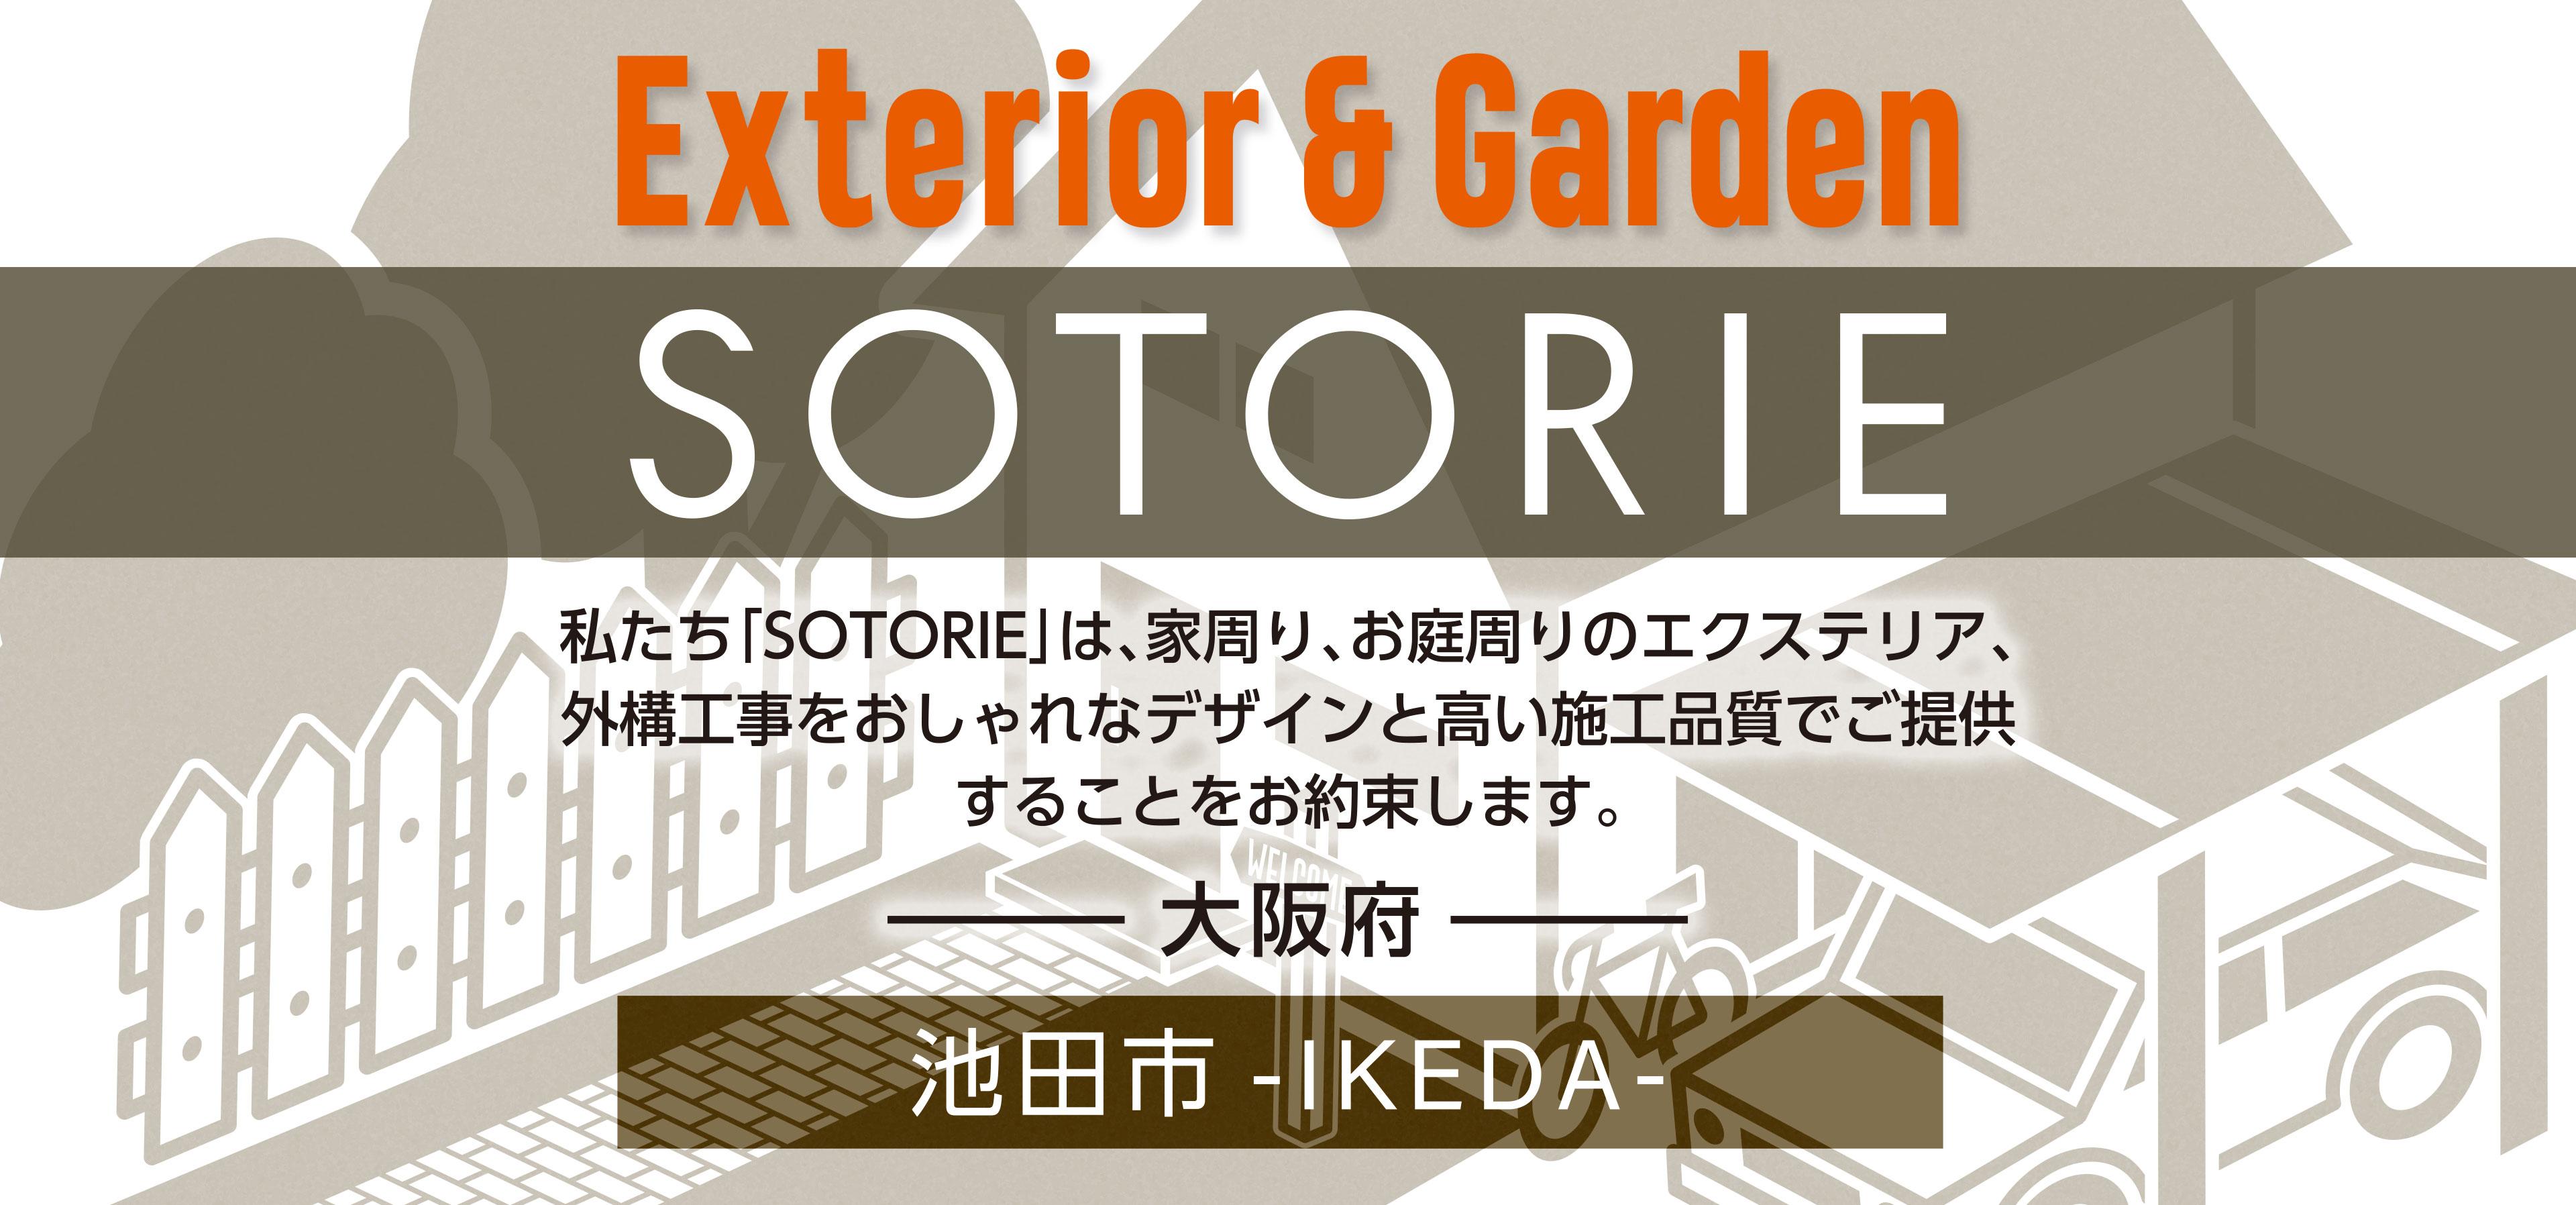 ソトリエ池田市では、家周りと庭周りの外構、エクステリア工事をおしゃれなデザインと高い施工品質でご提供することをお約束します。